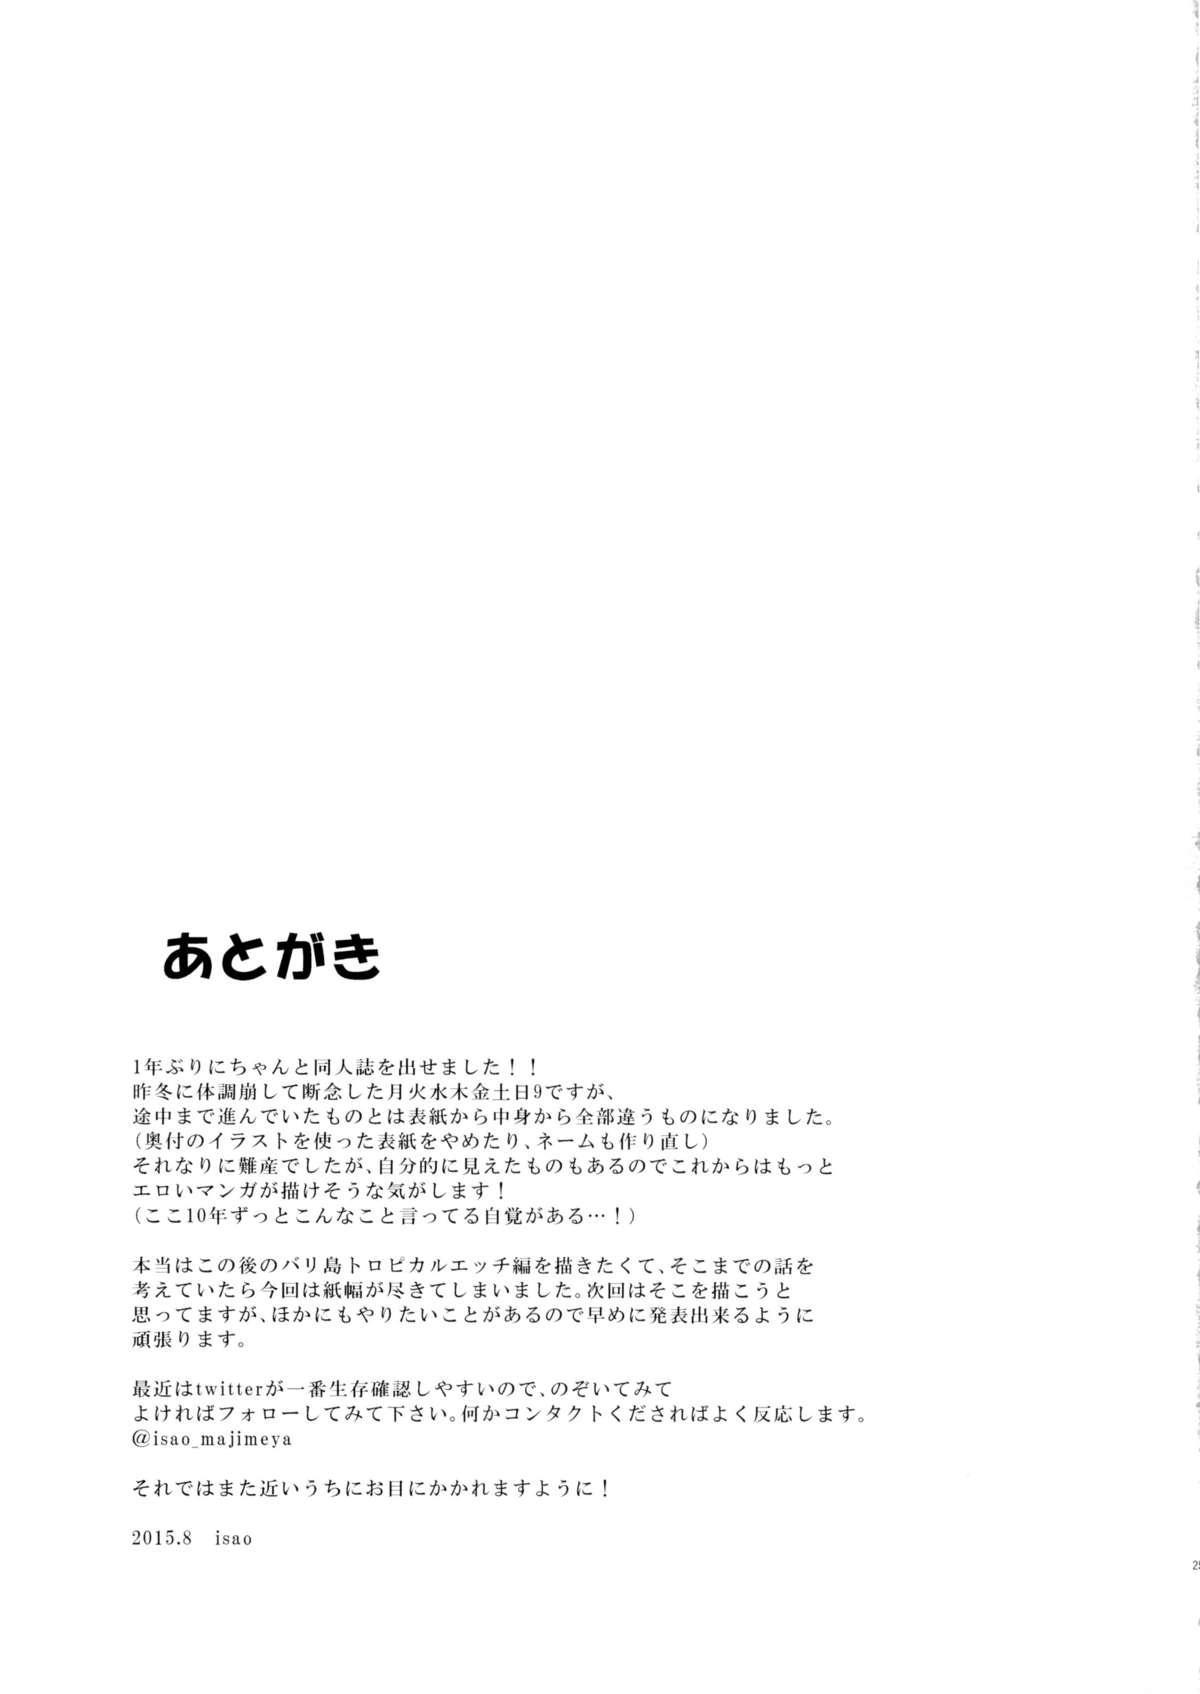 Getsu Ka Sui Moku Kin Do Nichi 9 Rei-chan no Aijin Nikki 23